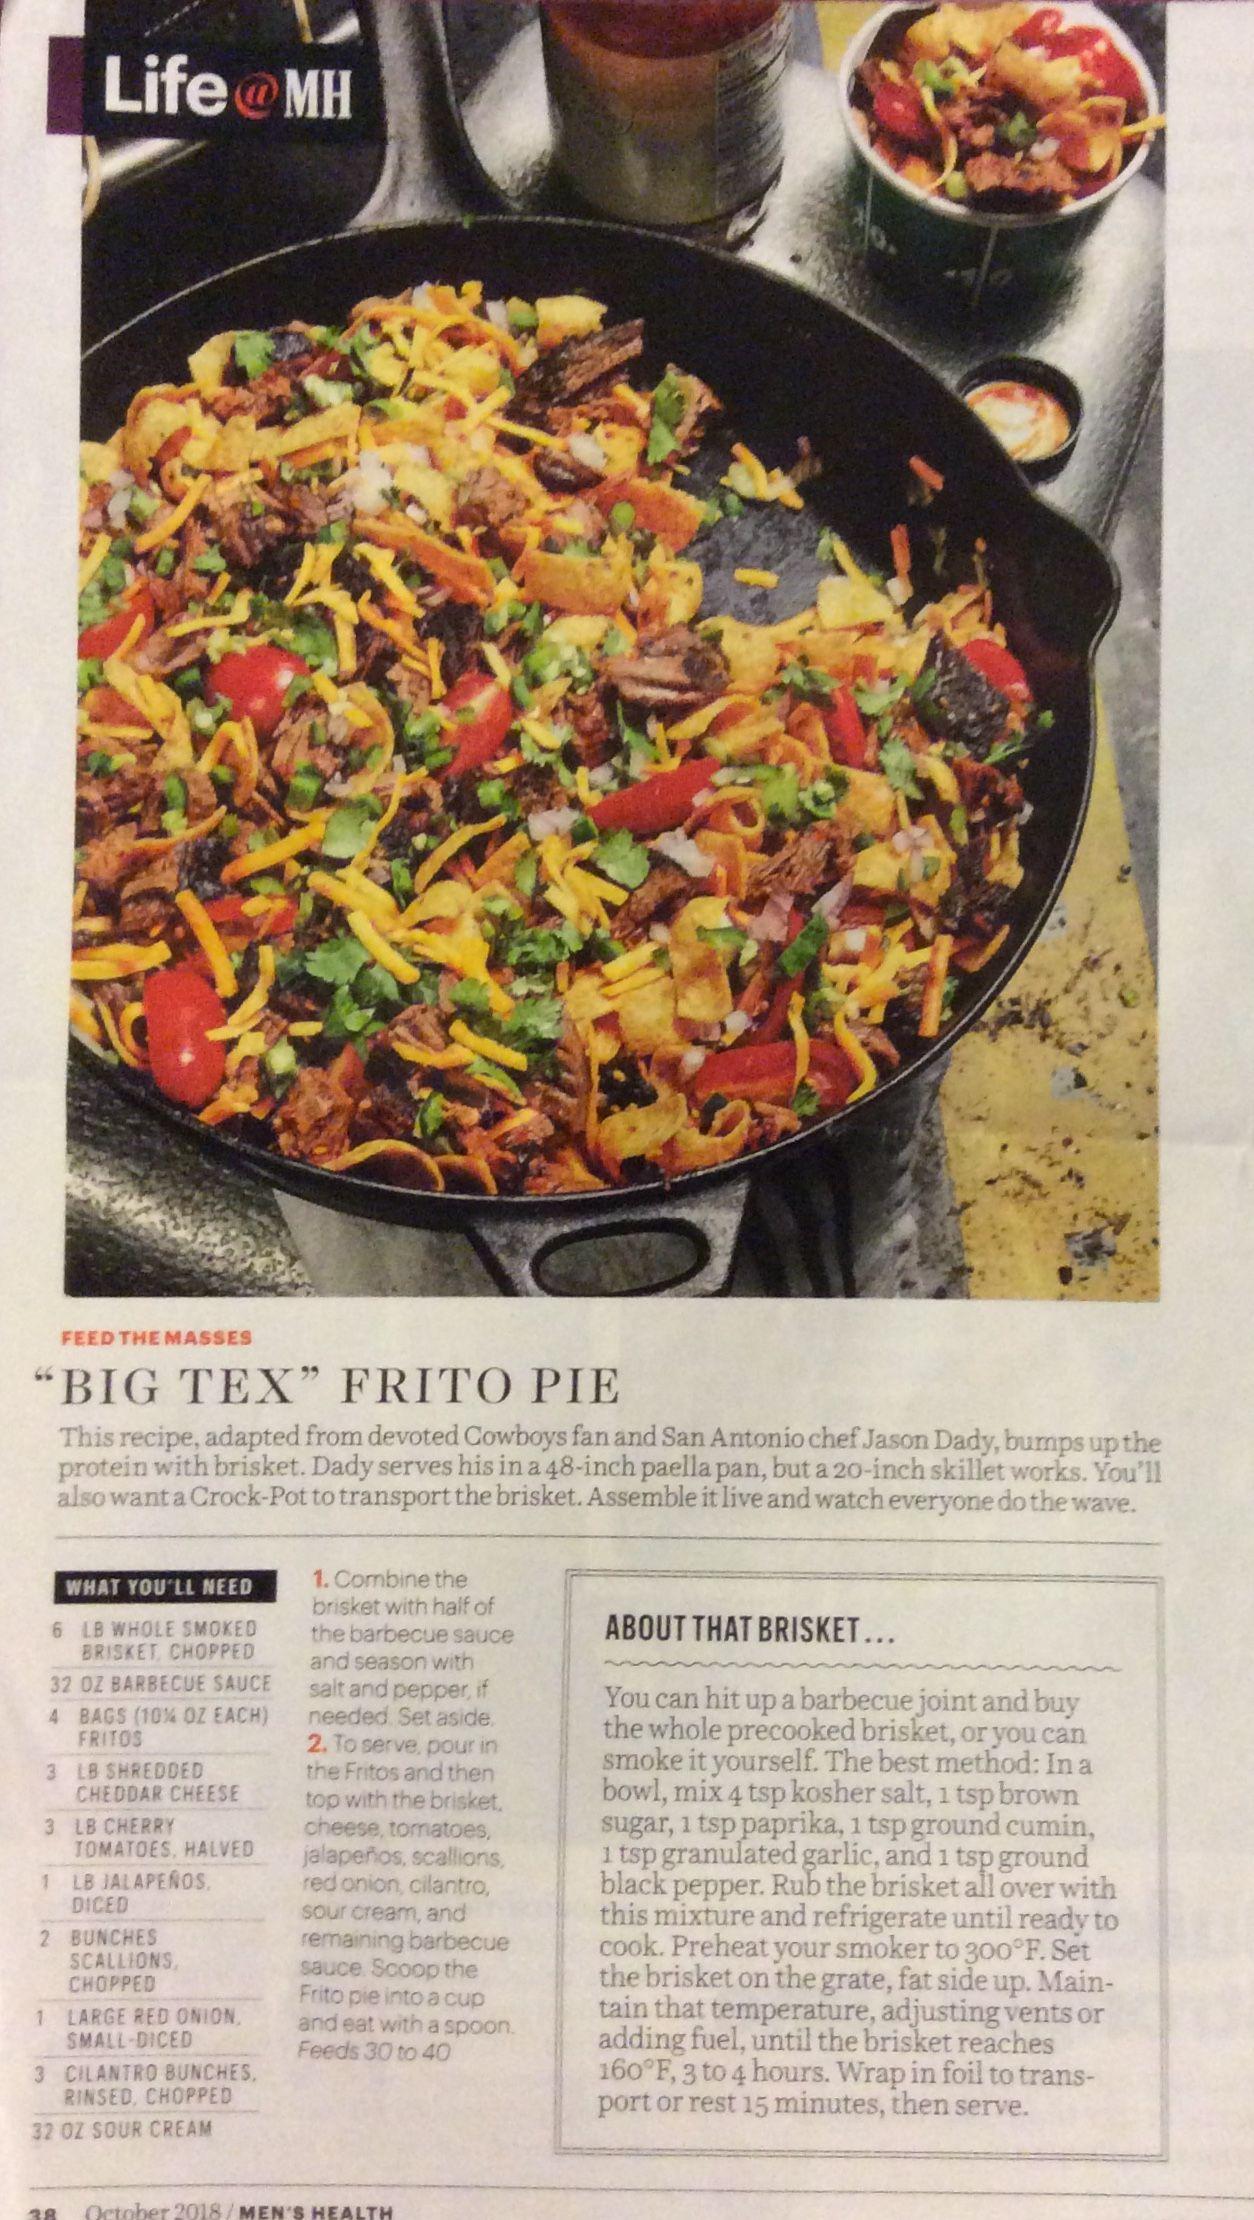 Box Tex frito pie | Pies in 2019 | Frito pie, Ethnic recipes, Paella